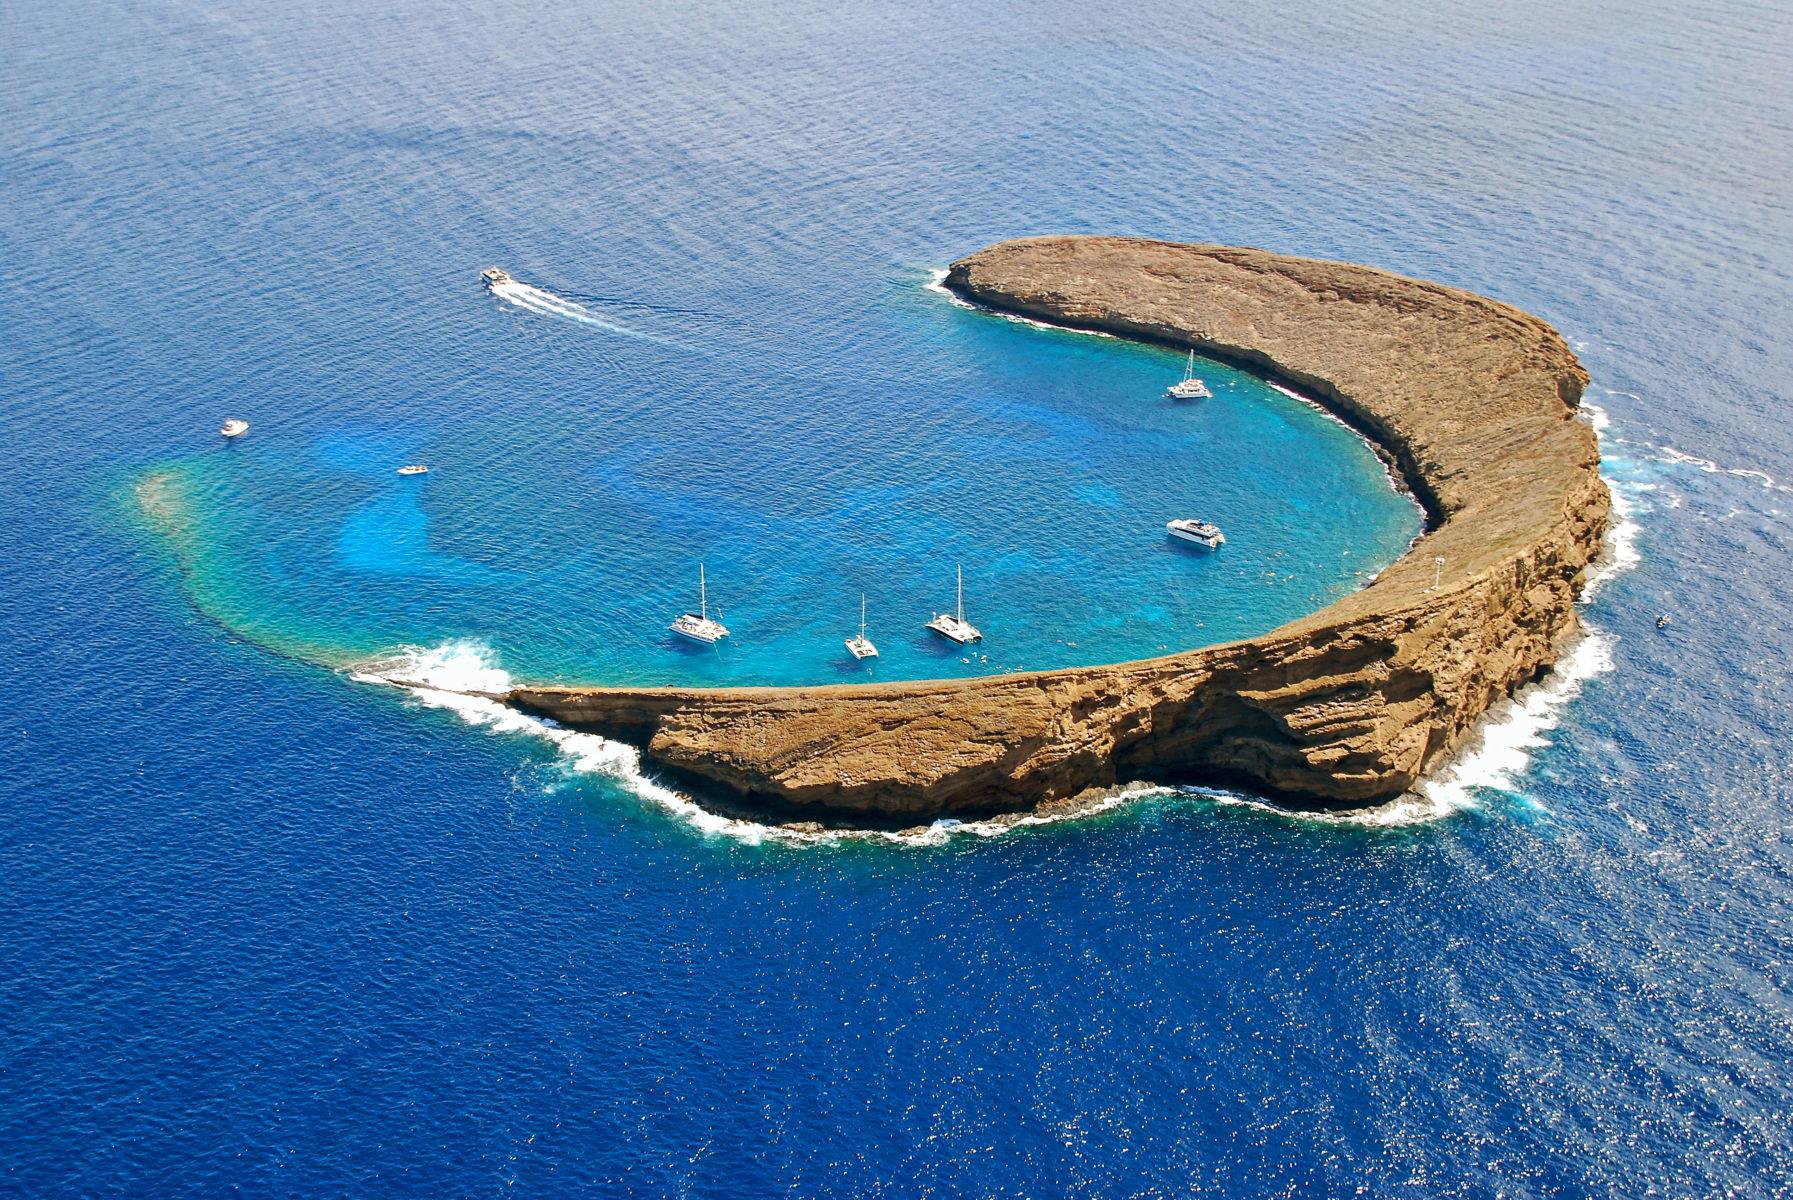 Maui snorkeling spots - Molokini Island Hawaii